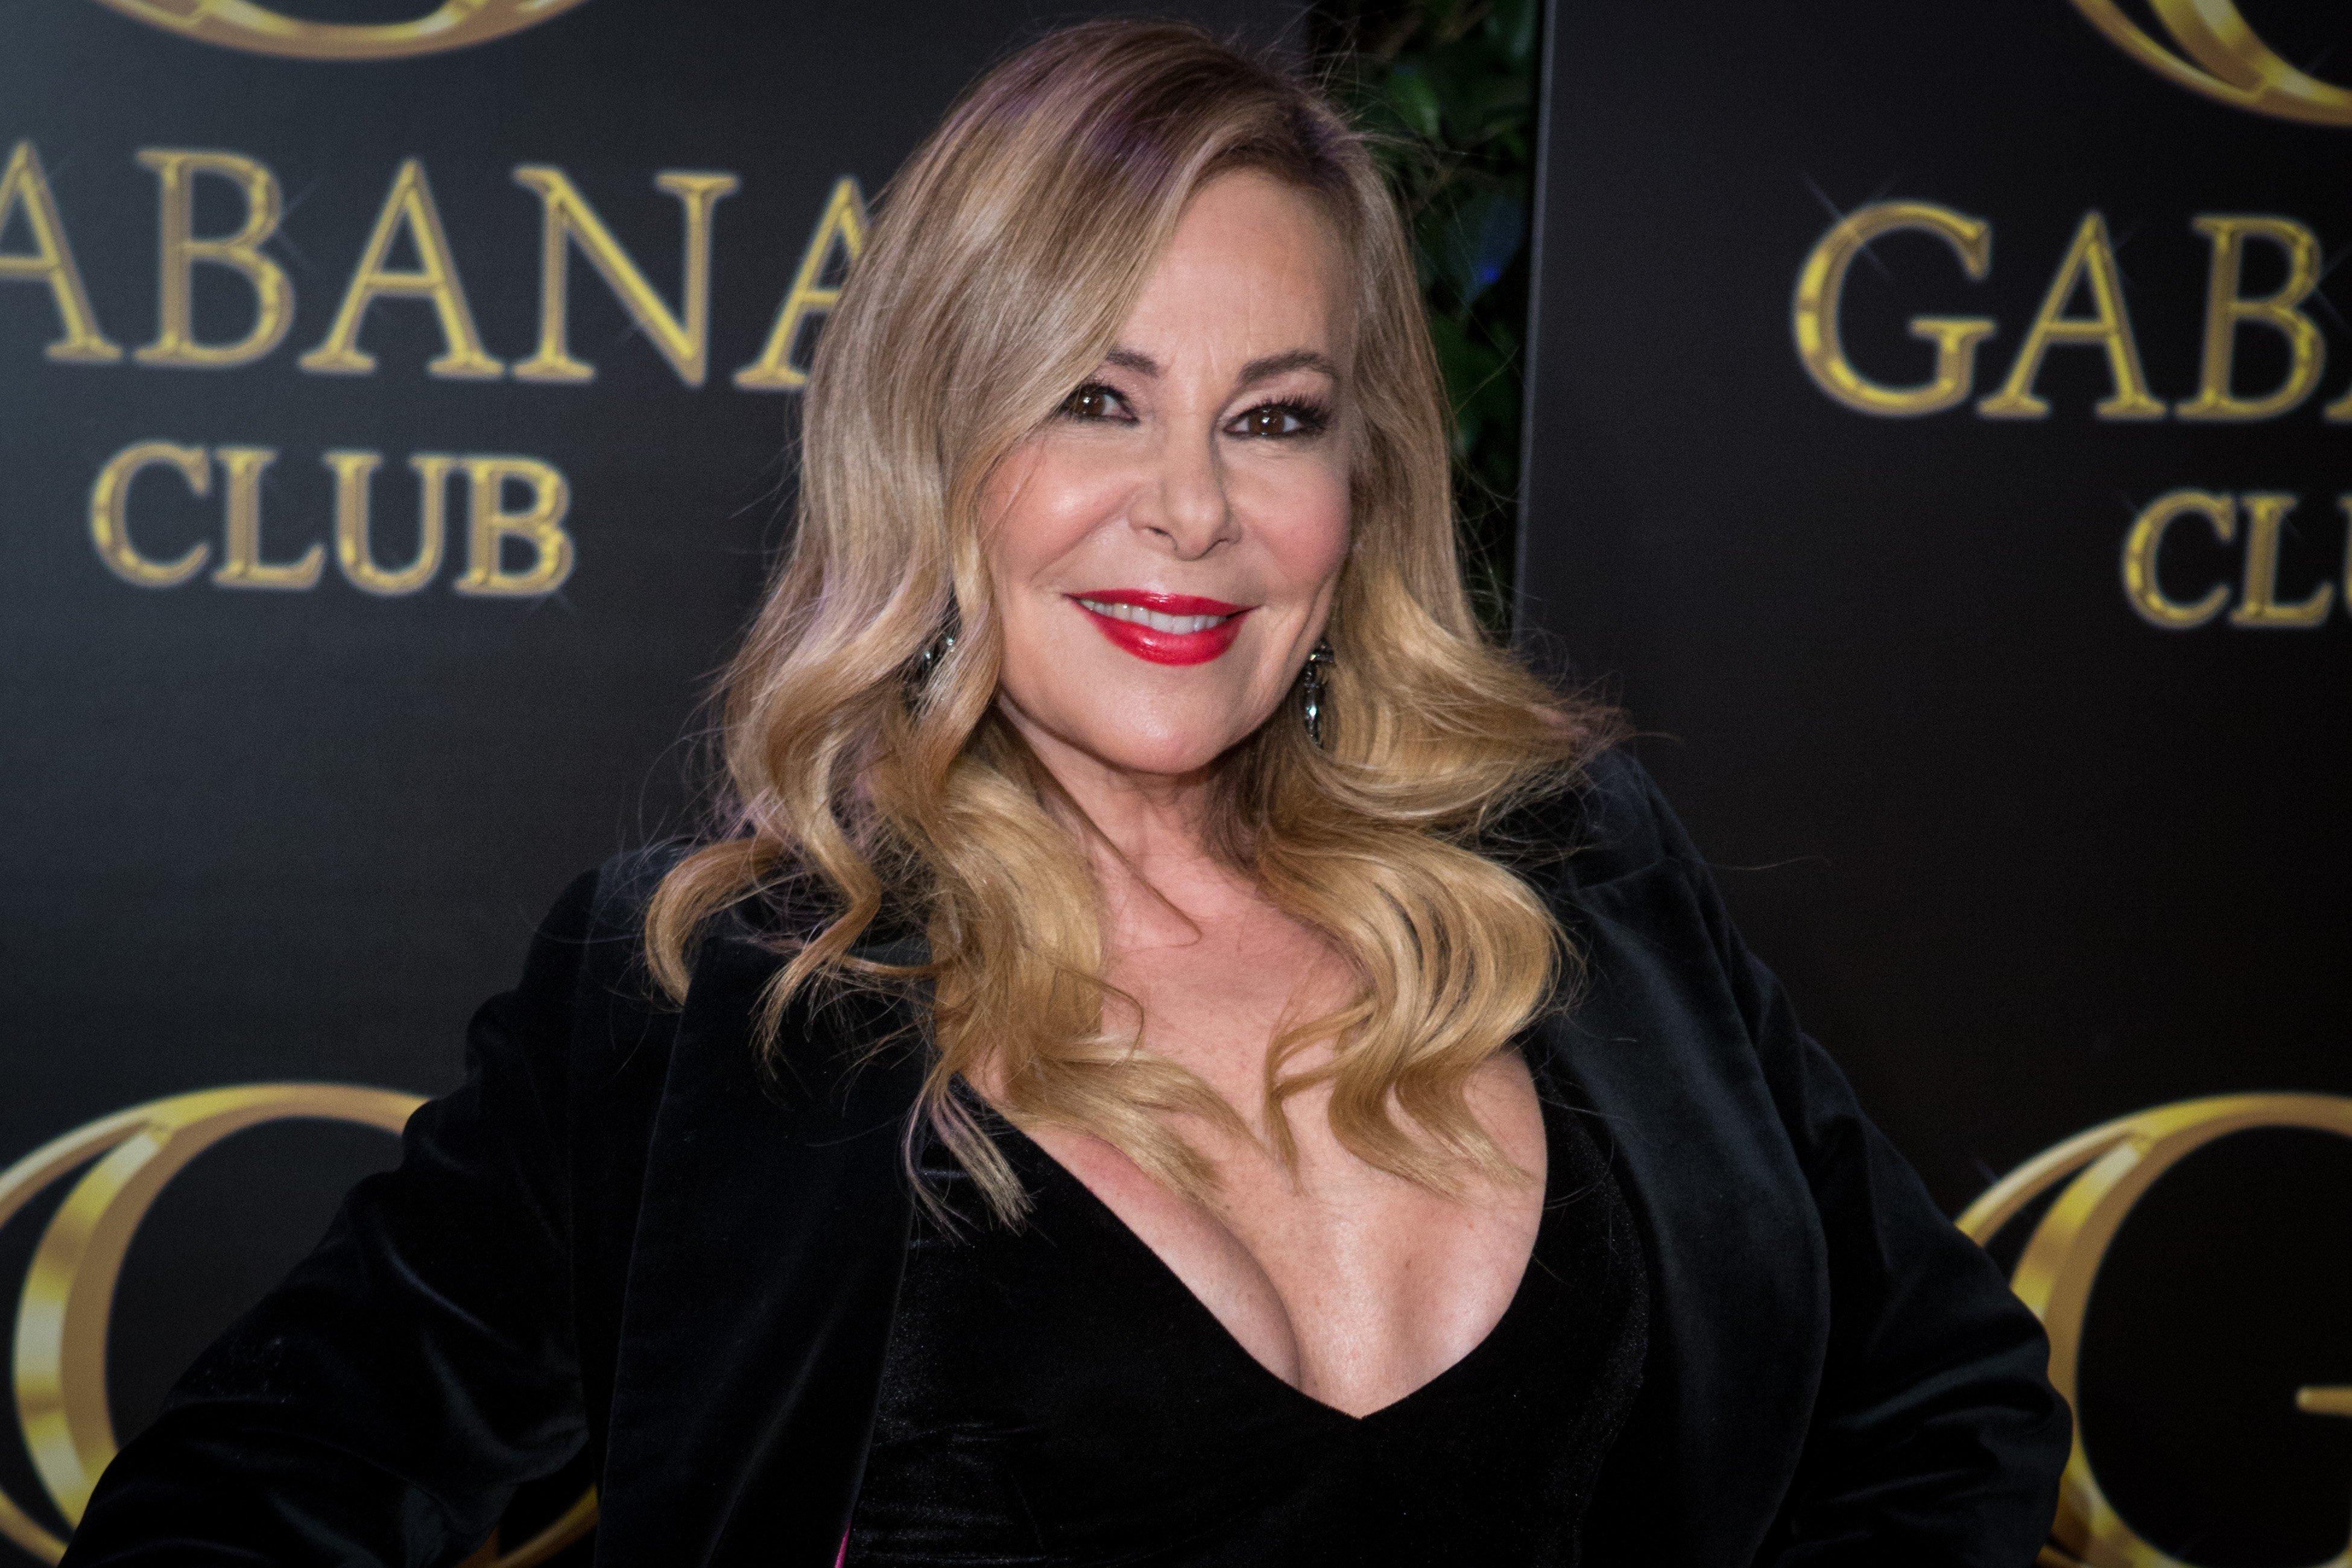 Ana Obregón asiste al cumpleaños 45 de Julio Iglesias Jr. en el Club Gabana en febrero de 2018, en Madrid, España. | Fuente: Getty Images